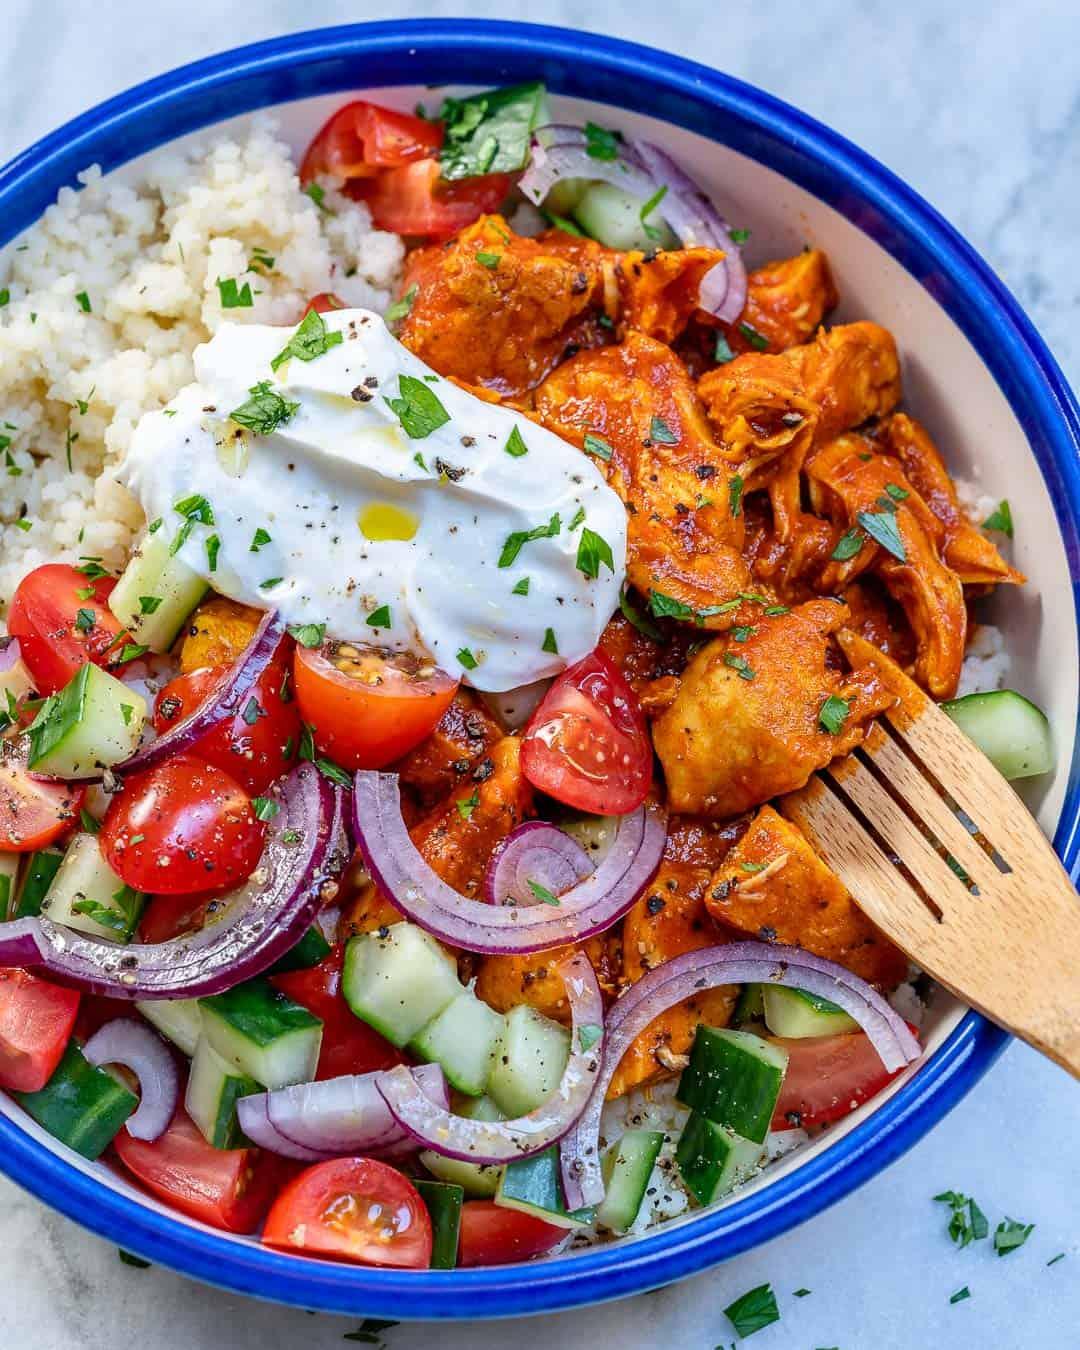 Moroccan recipe